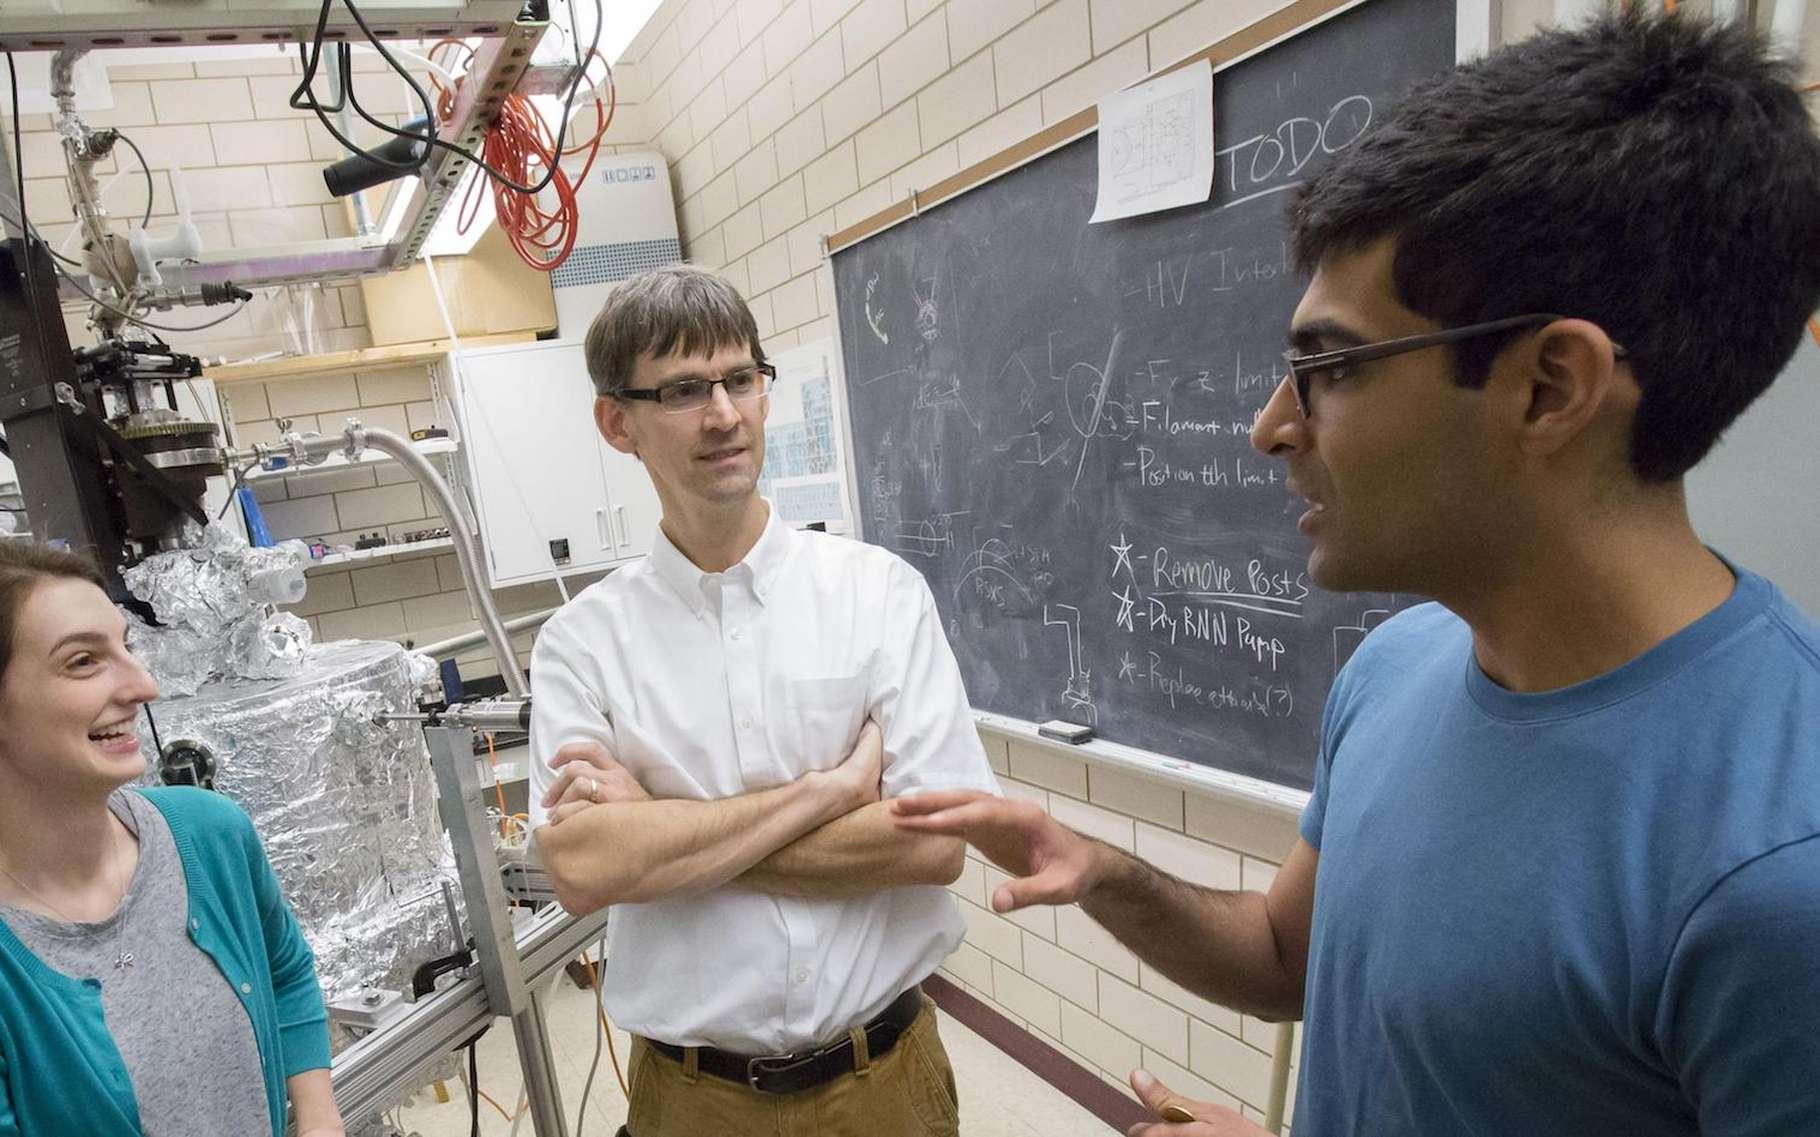 Des chercheurs américains de l'université de l'Illinois annoncent la découverte d'une nouvelle forme de matière : l'excitonium, un condensat d'excitons! © L. Brian Stauffer, University of Illinois at Urbana-Champaign